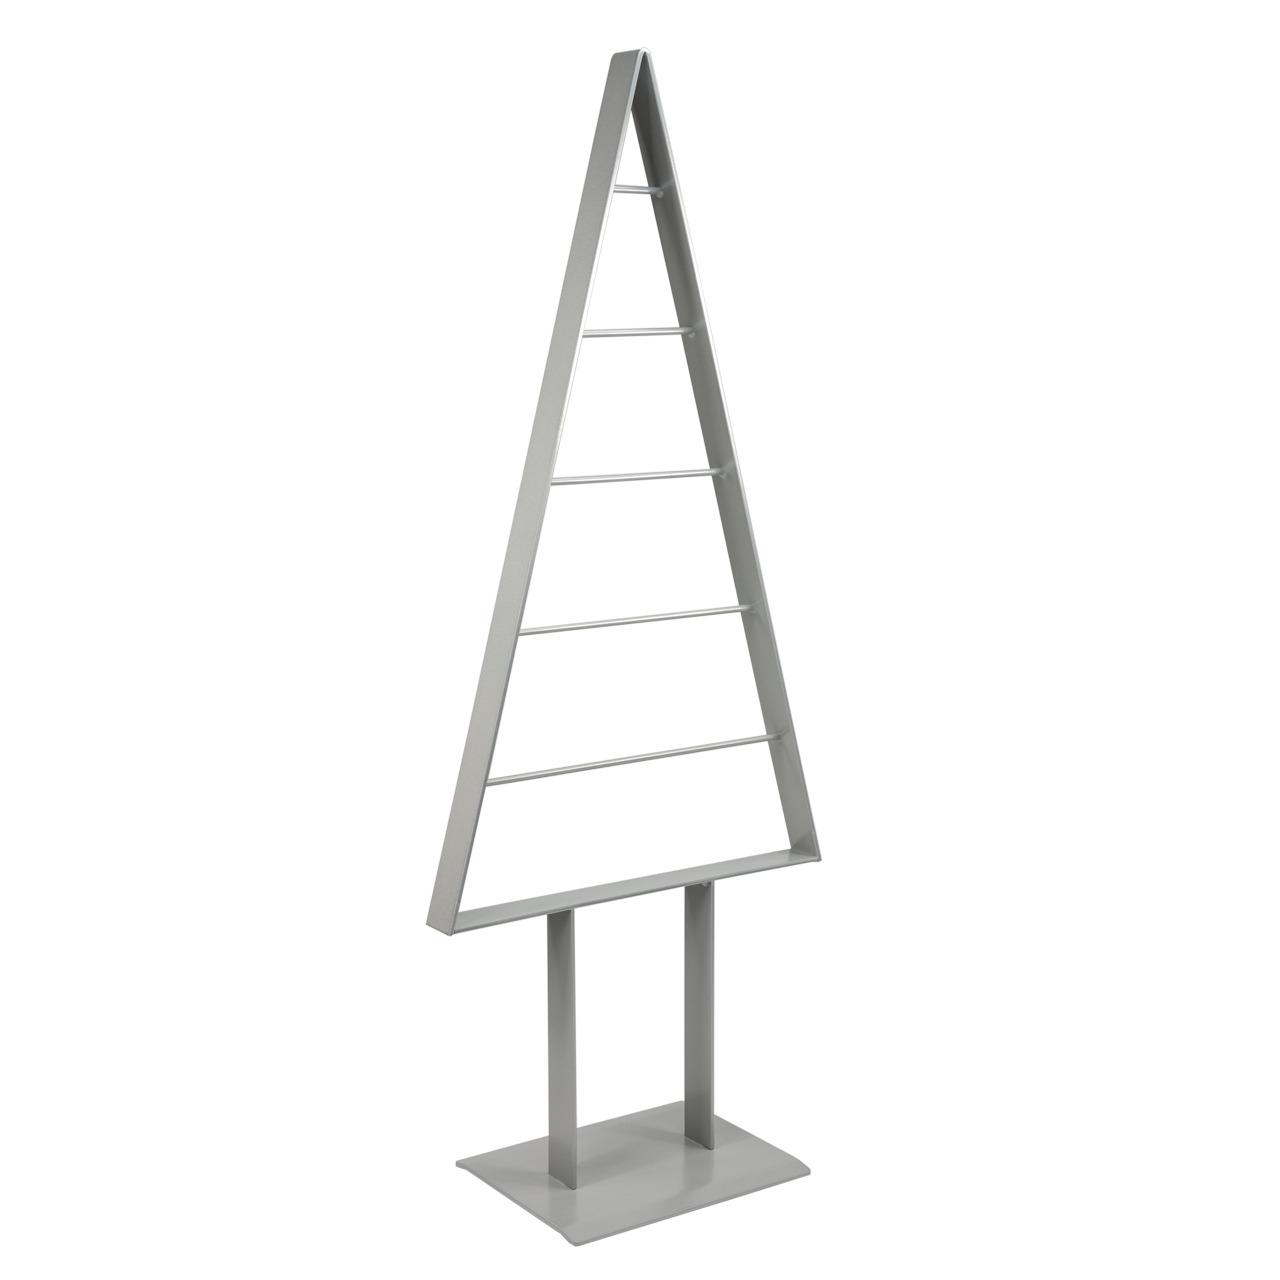 Weihnachtsdeko Aus Metall.Weihnachtsdeko Manschin Laserdesign